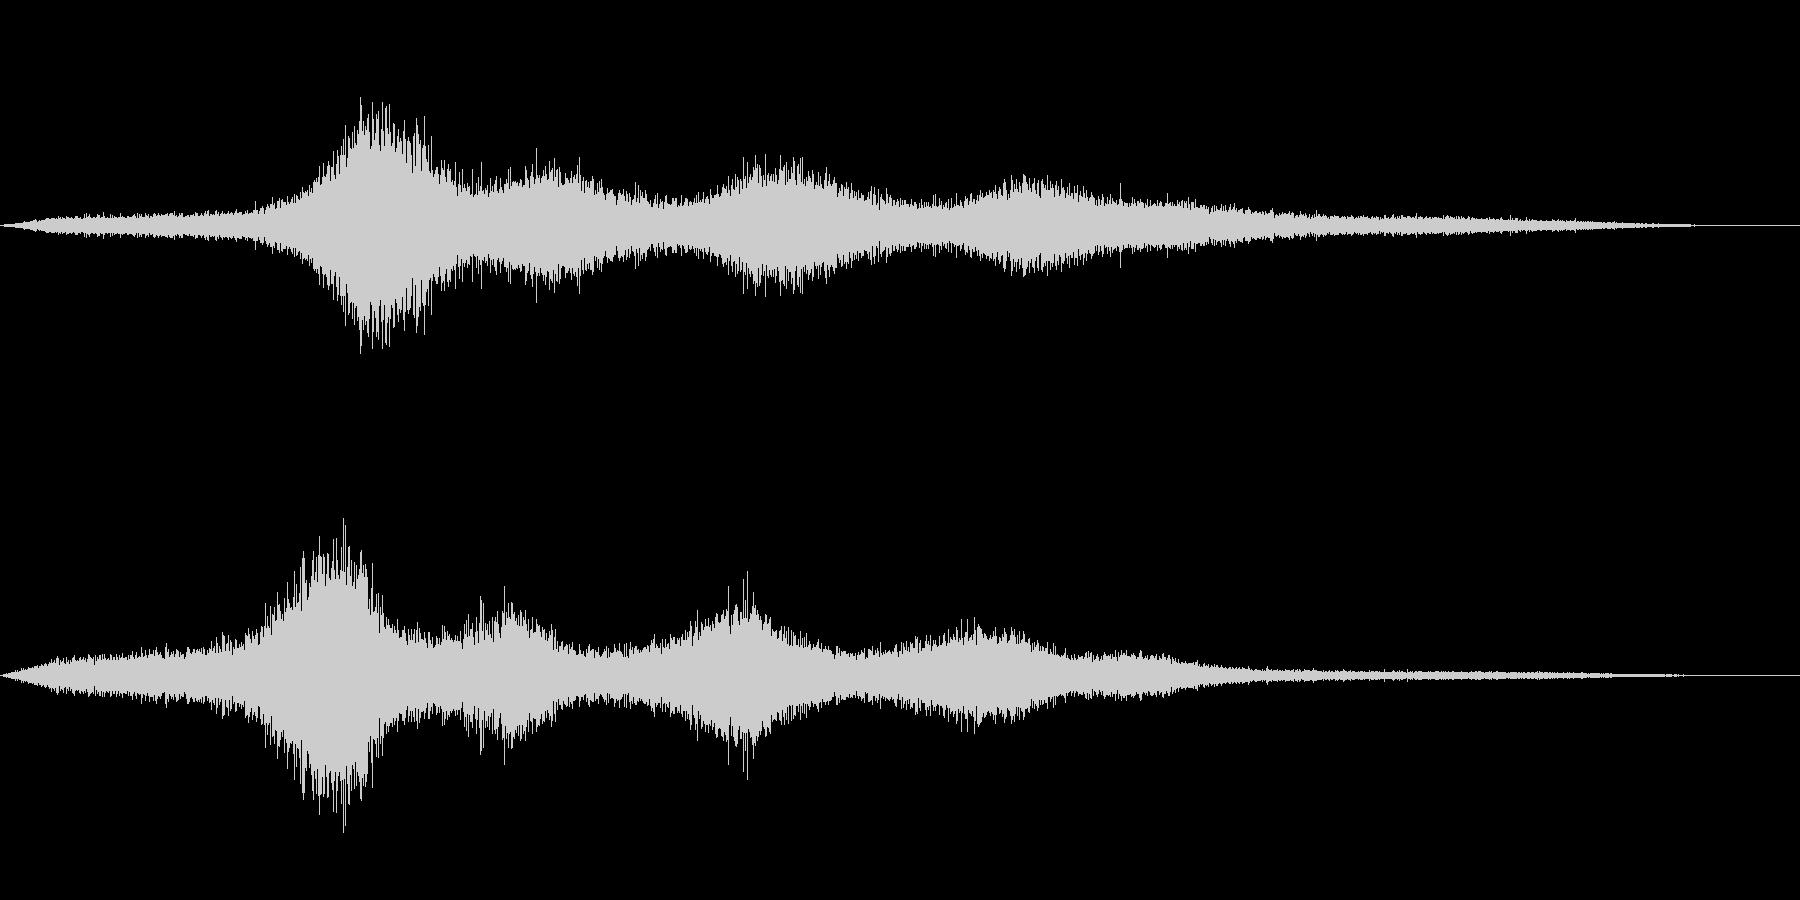 【生録音】 早朝の街 交通 環境音 1の未再生の波形